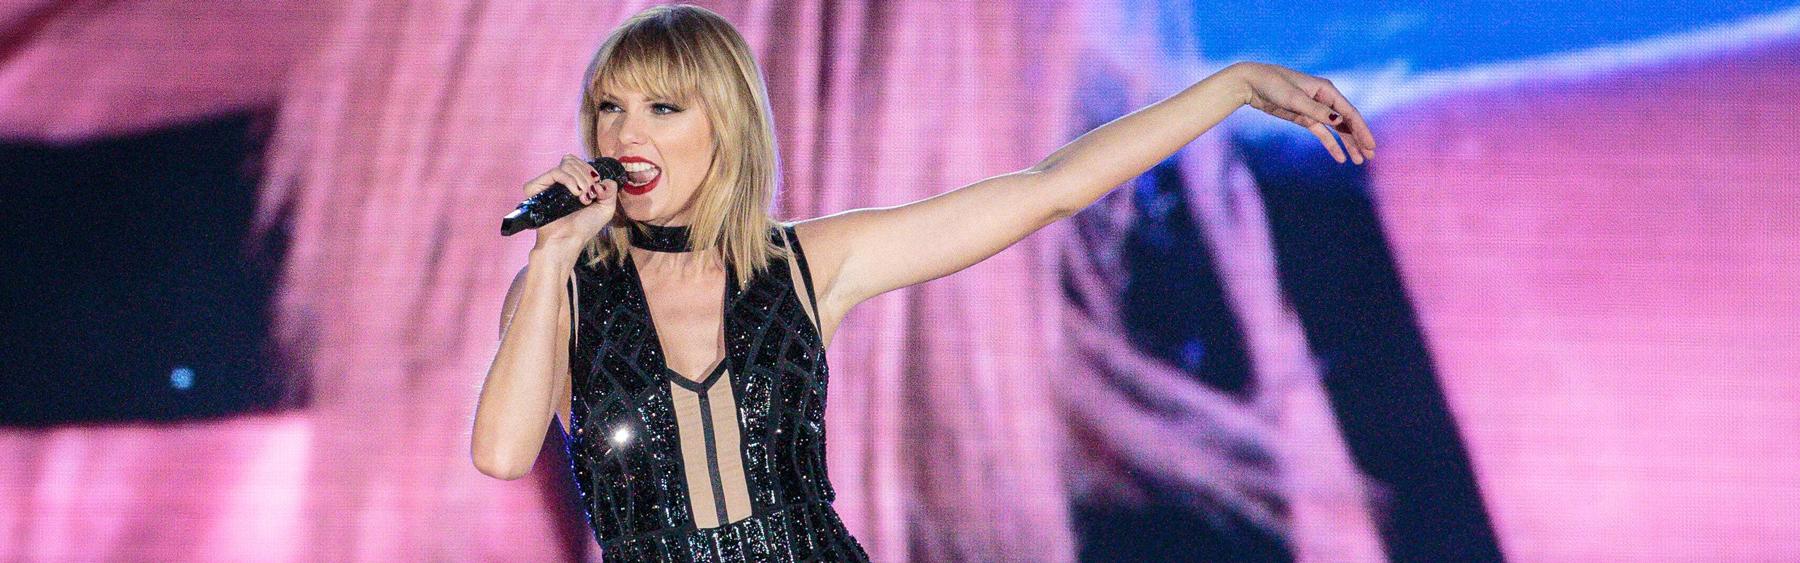 Taylorswiftie header